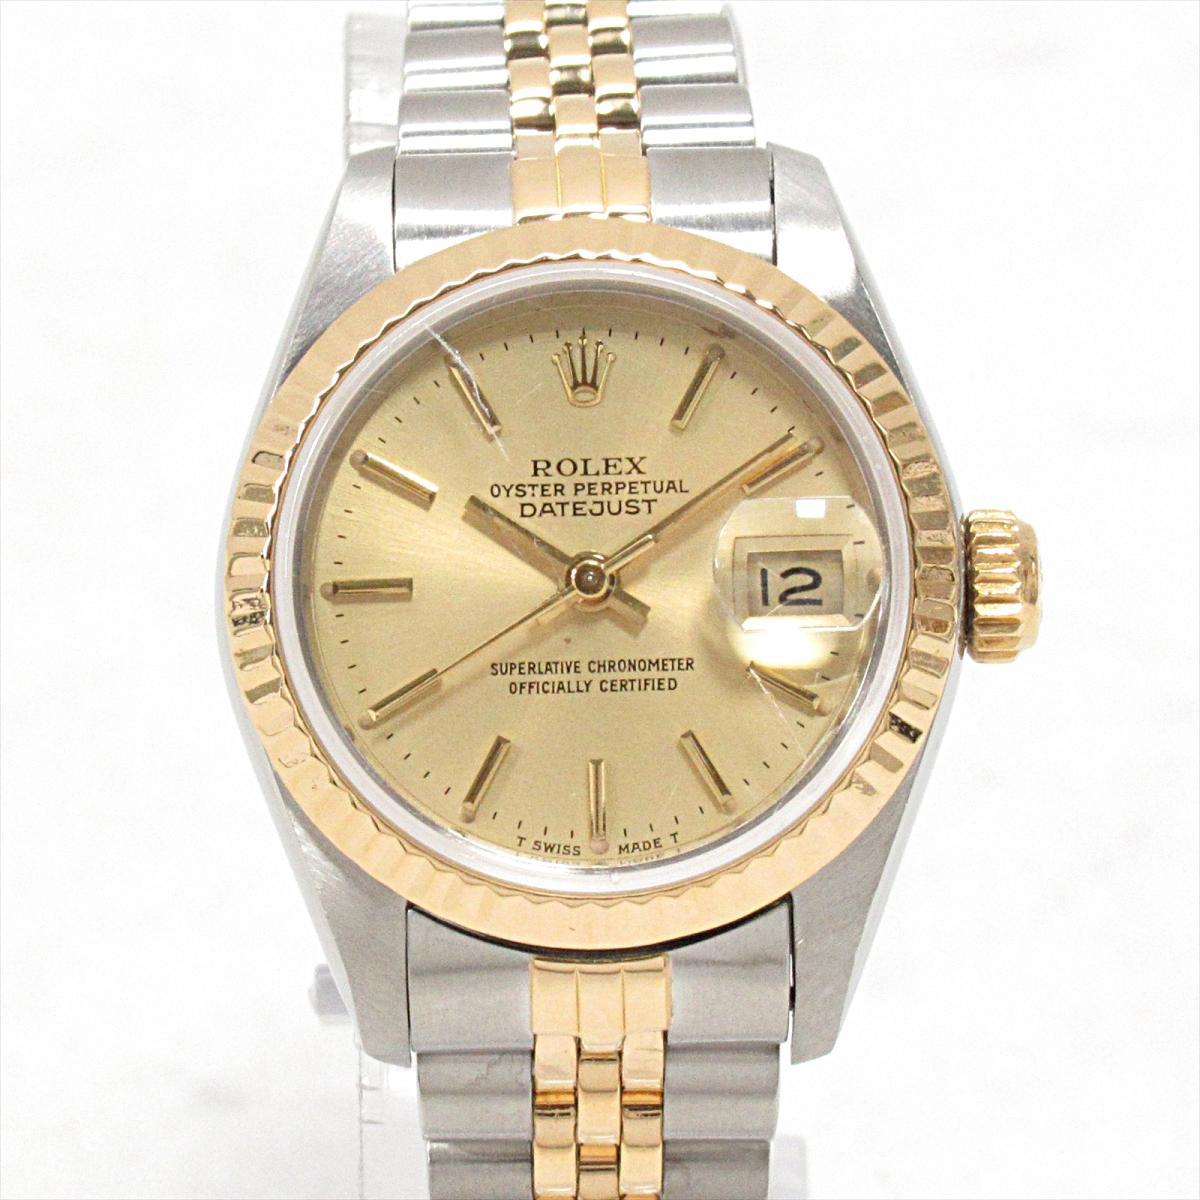 デイトジャスト 腕時計/レディース/SALE